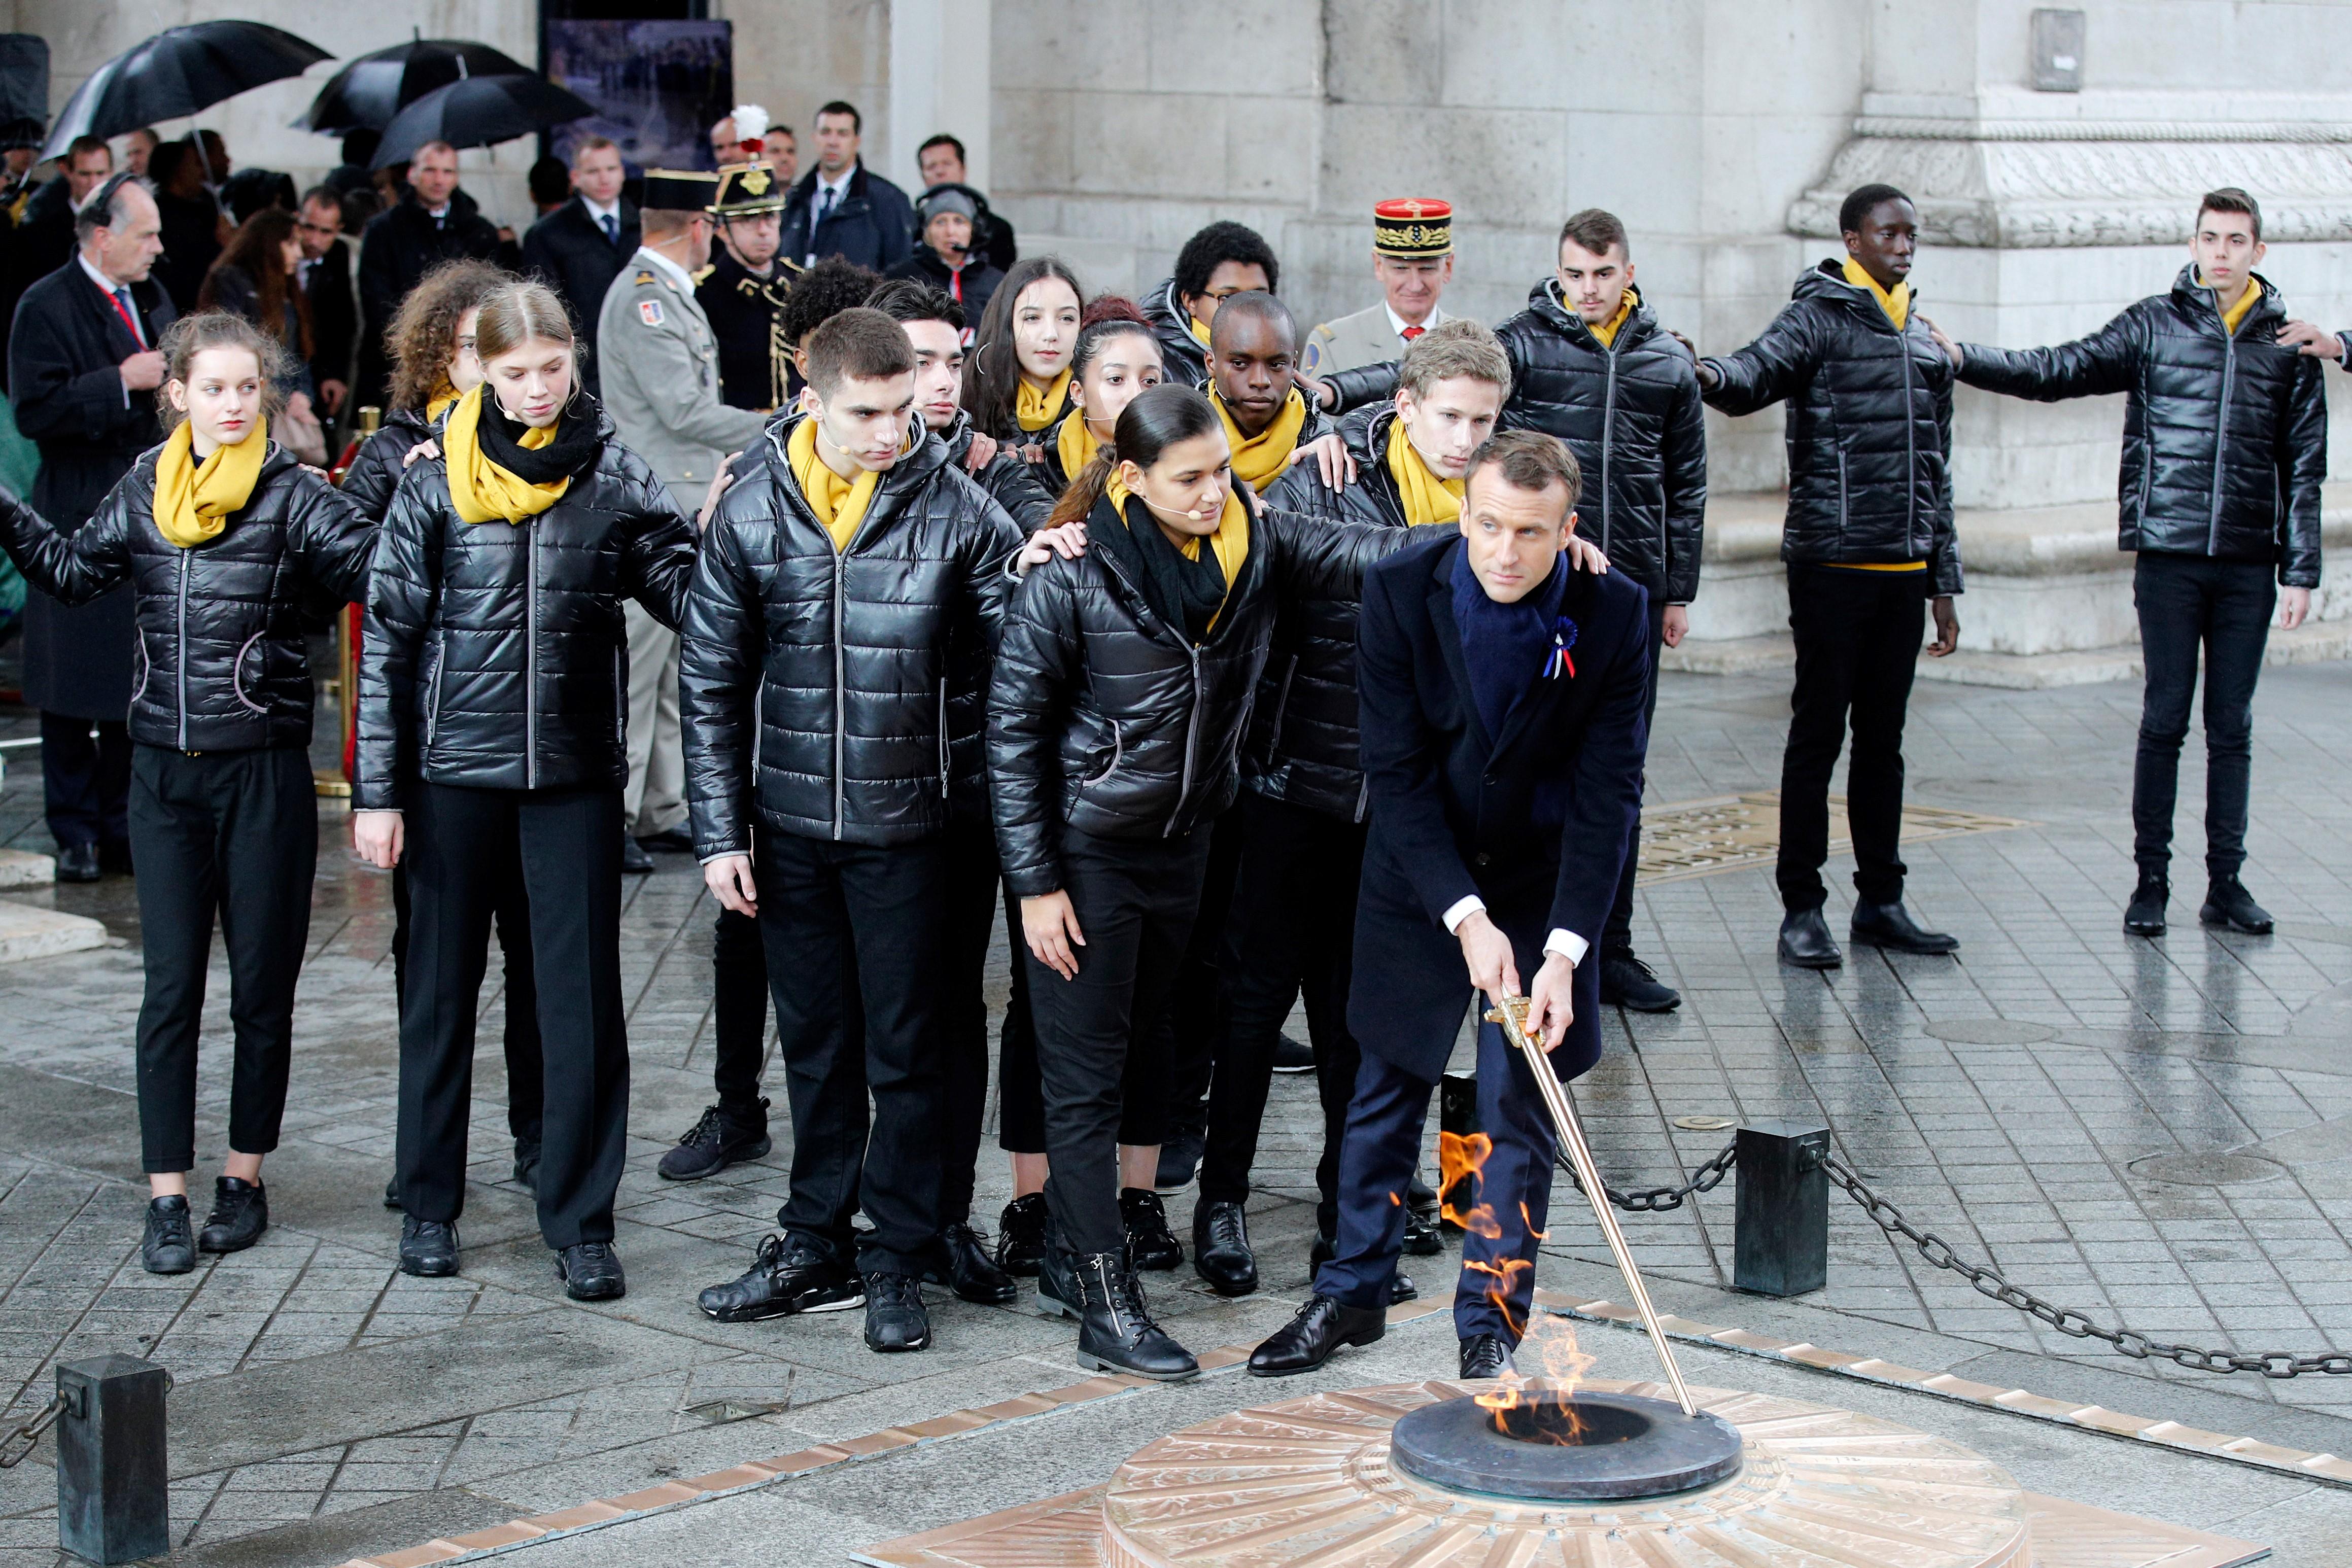 Macron reaviva la llama del soldado desconocido junto a estudiantes de colegio secundario(AFP)